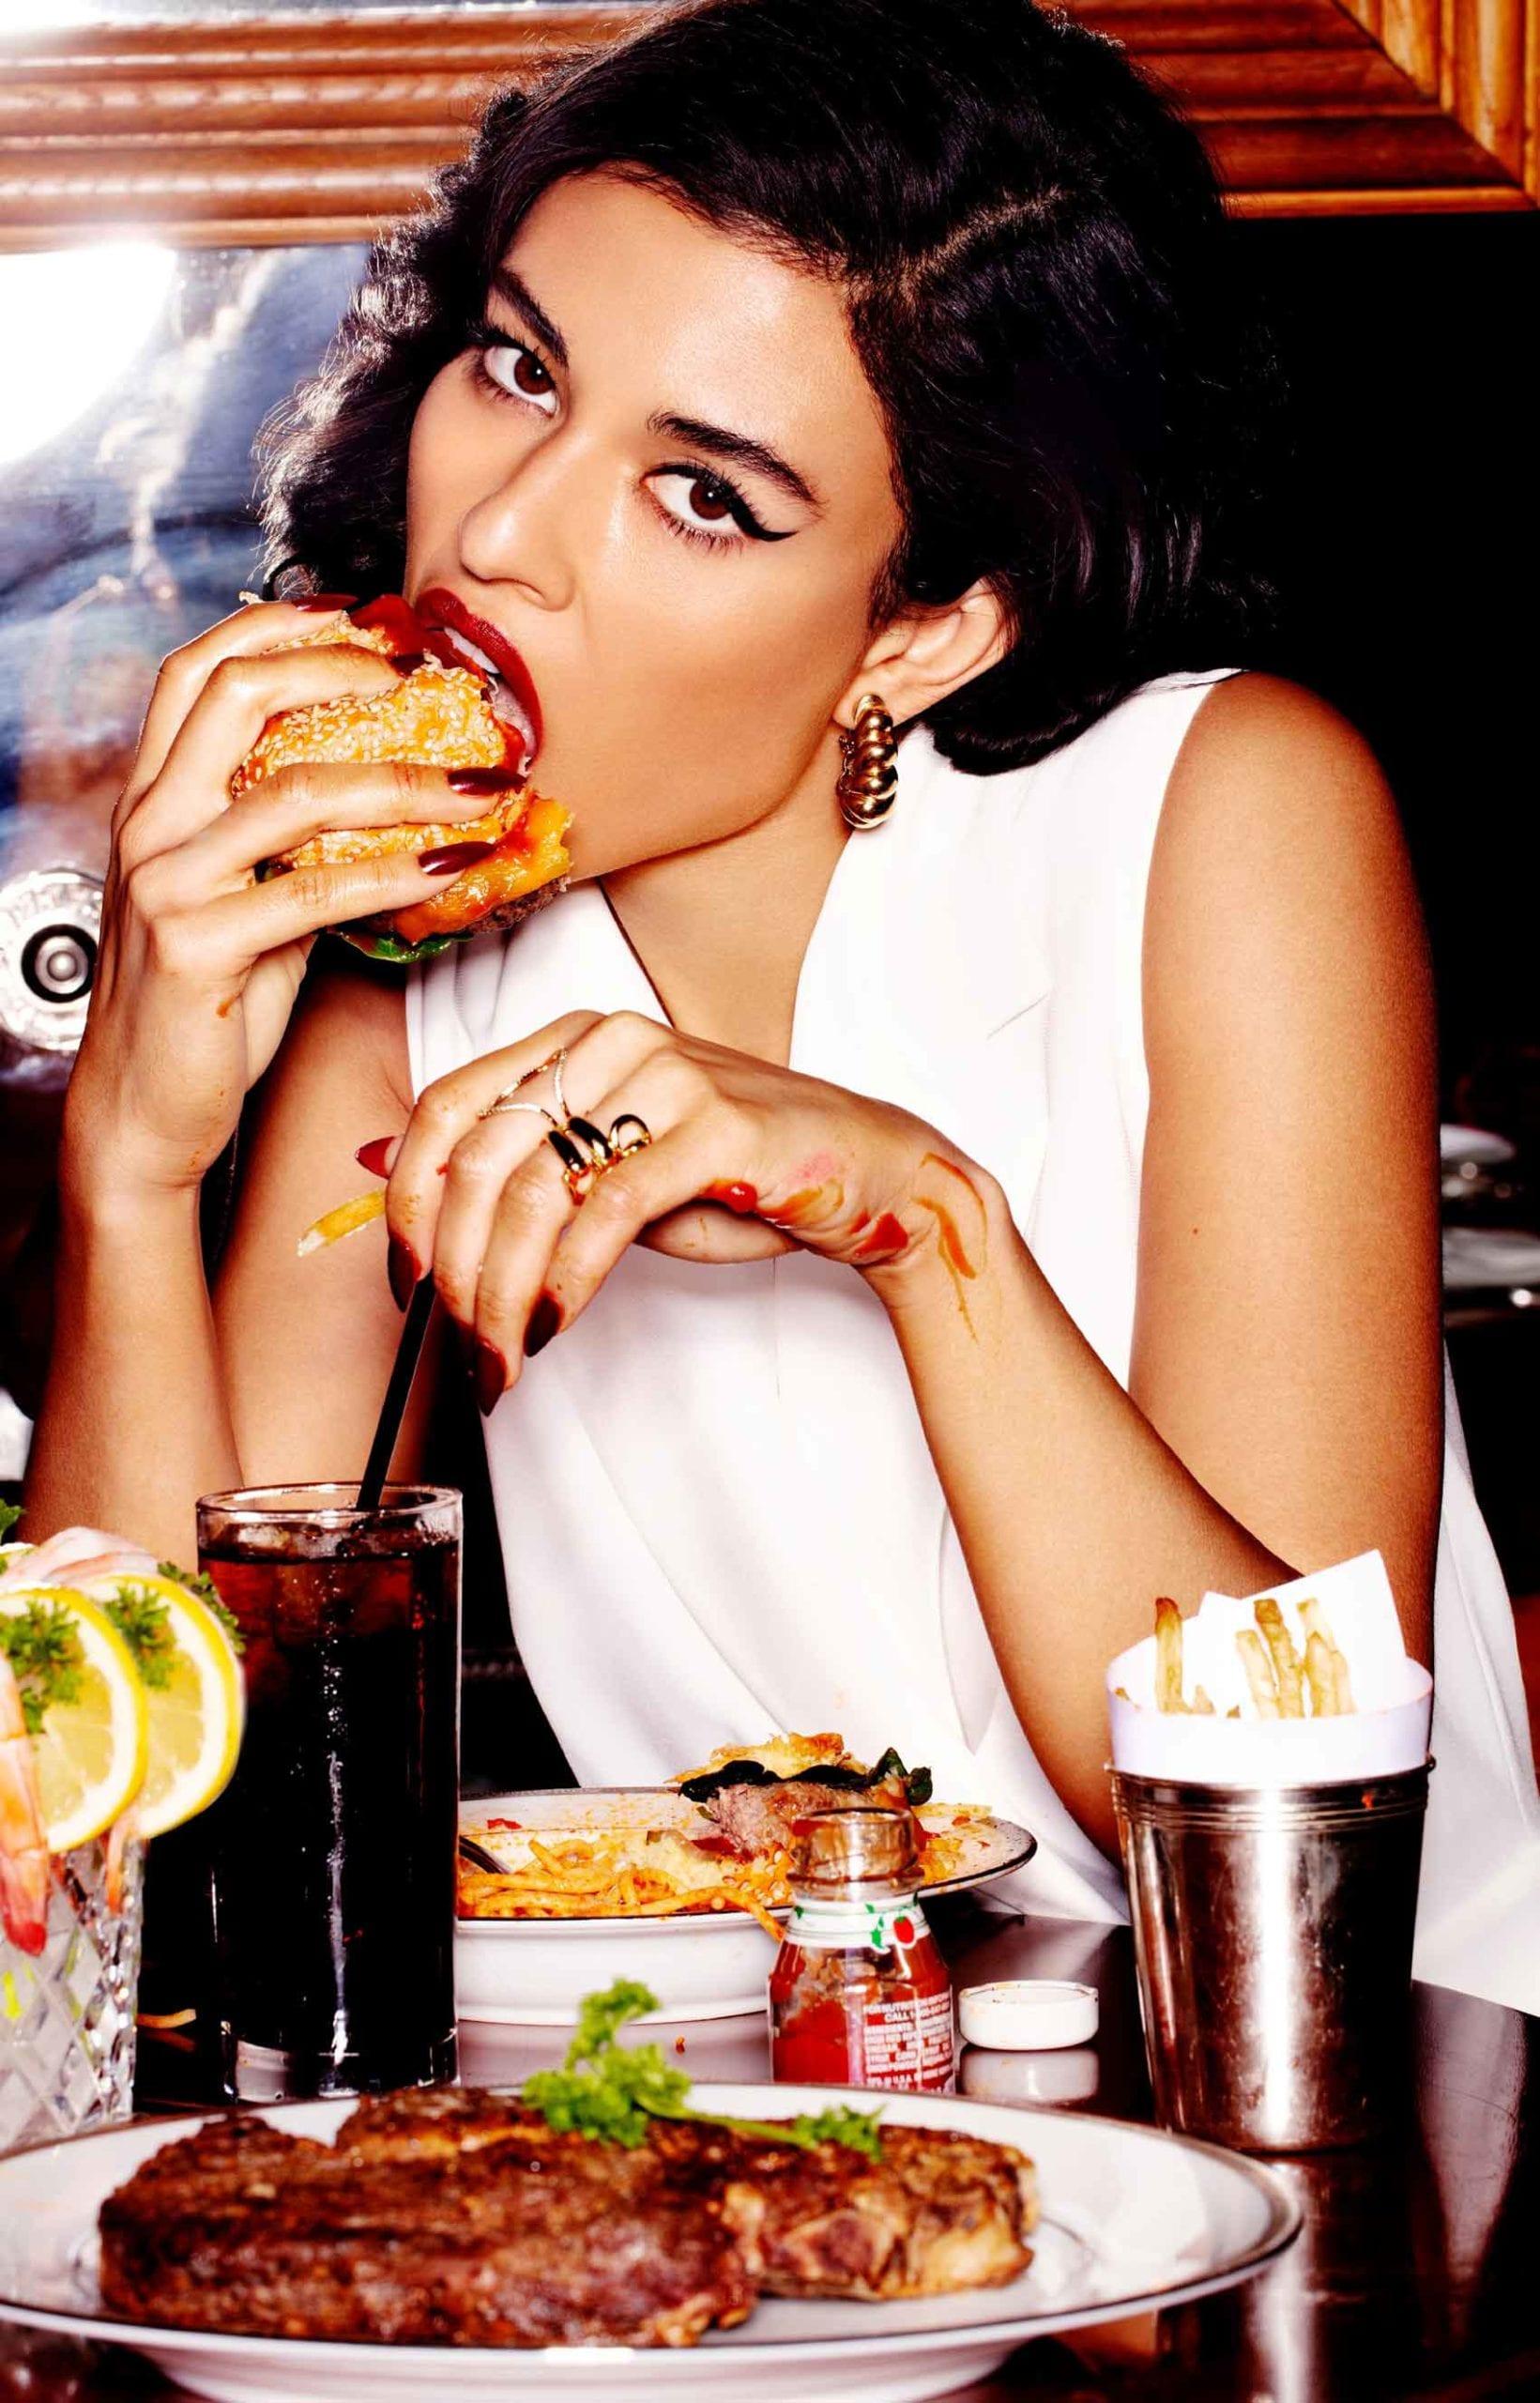 אופנה-HOLIDAY-COLLECTION-BY-IL-MAKAIGE-מגזין-אופנה